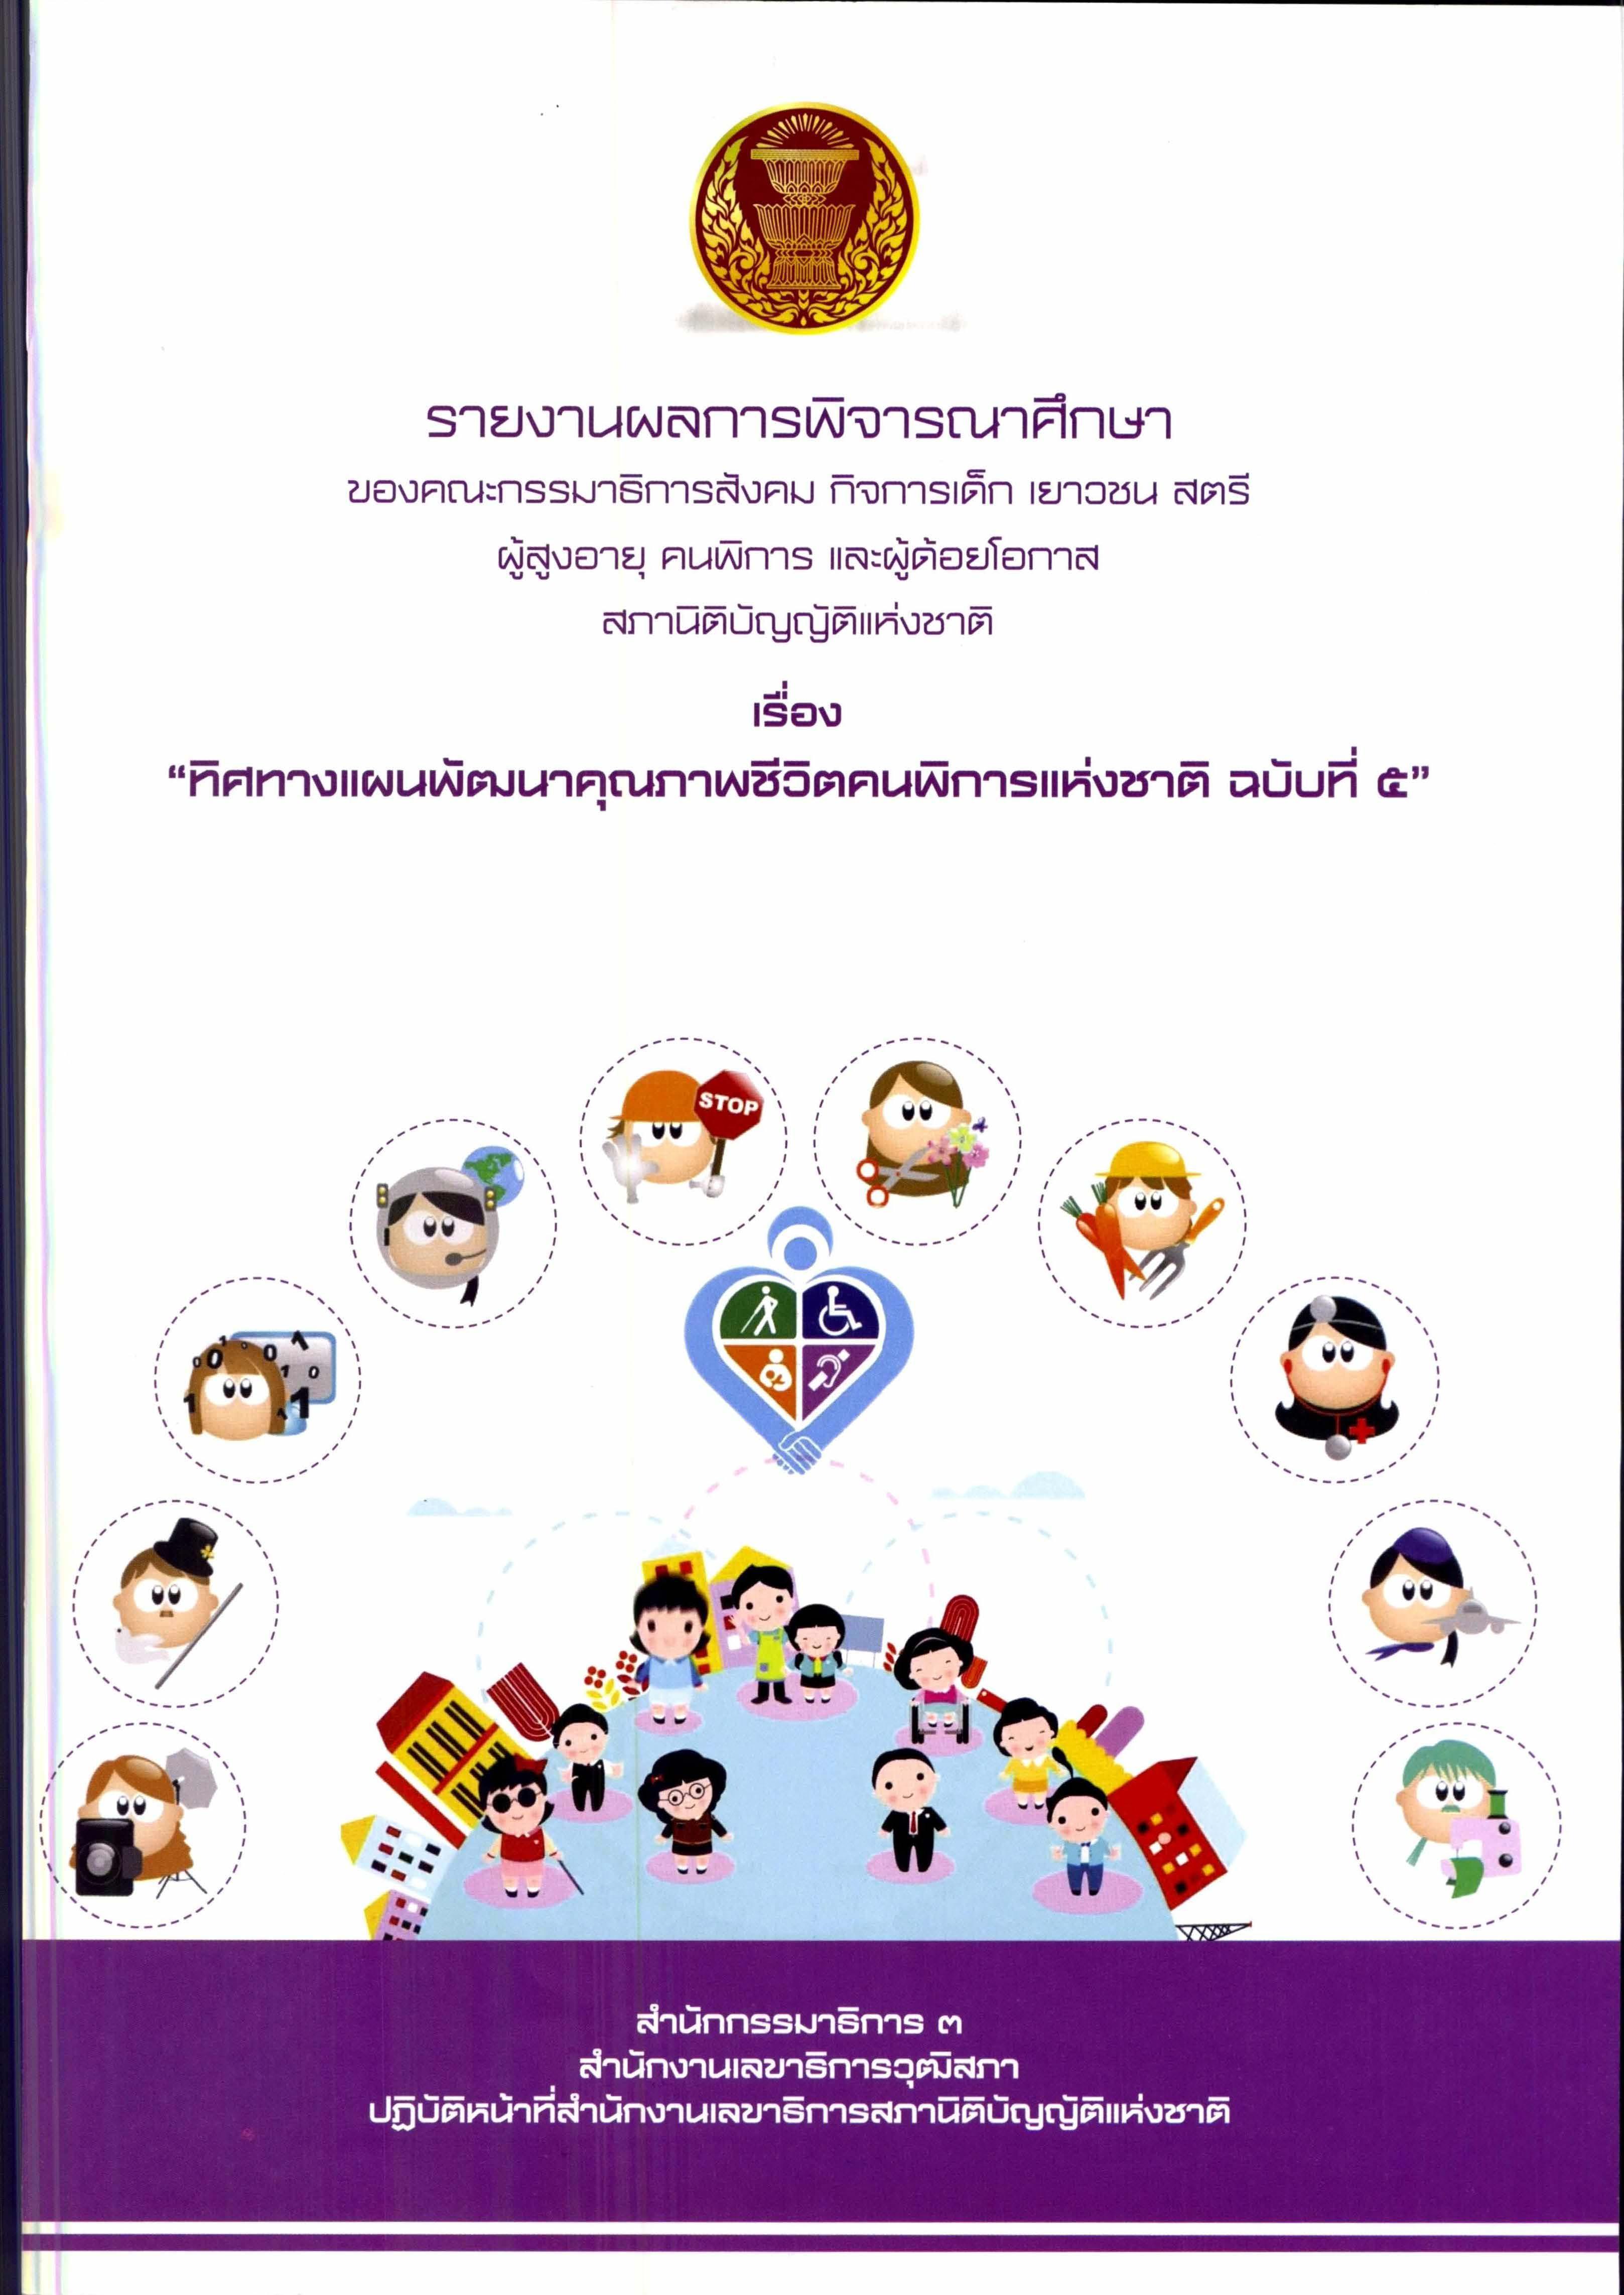 รายงานผลการพิจารณศึกษา เรื่อง ทิศทางแผนพัฒนาคุณภาพชีวิตคนพิการแห่งชาติ ฉบับที่ ๕